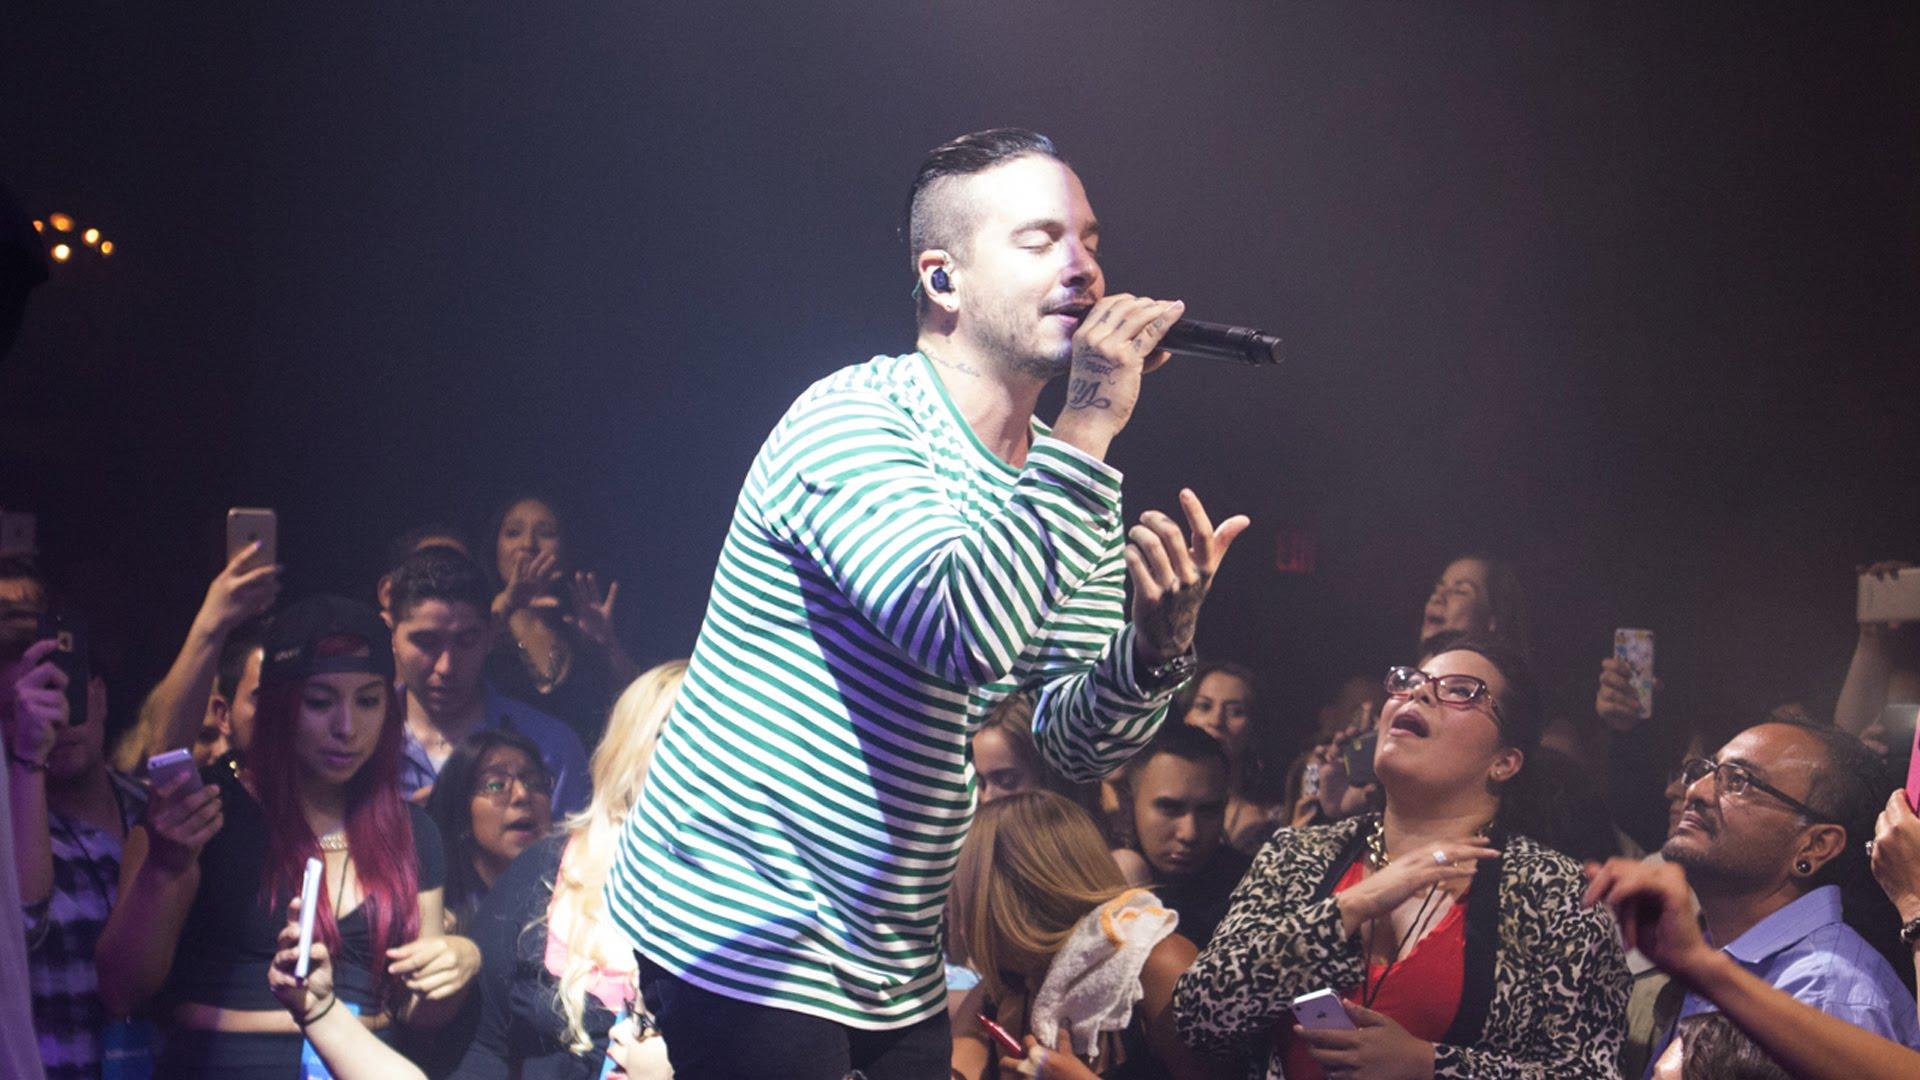 El artista con más reproducciones en Spotify ya no es Drake